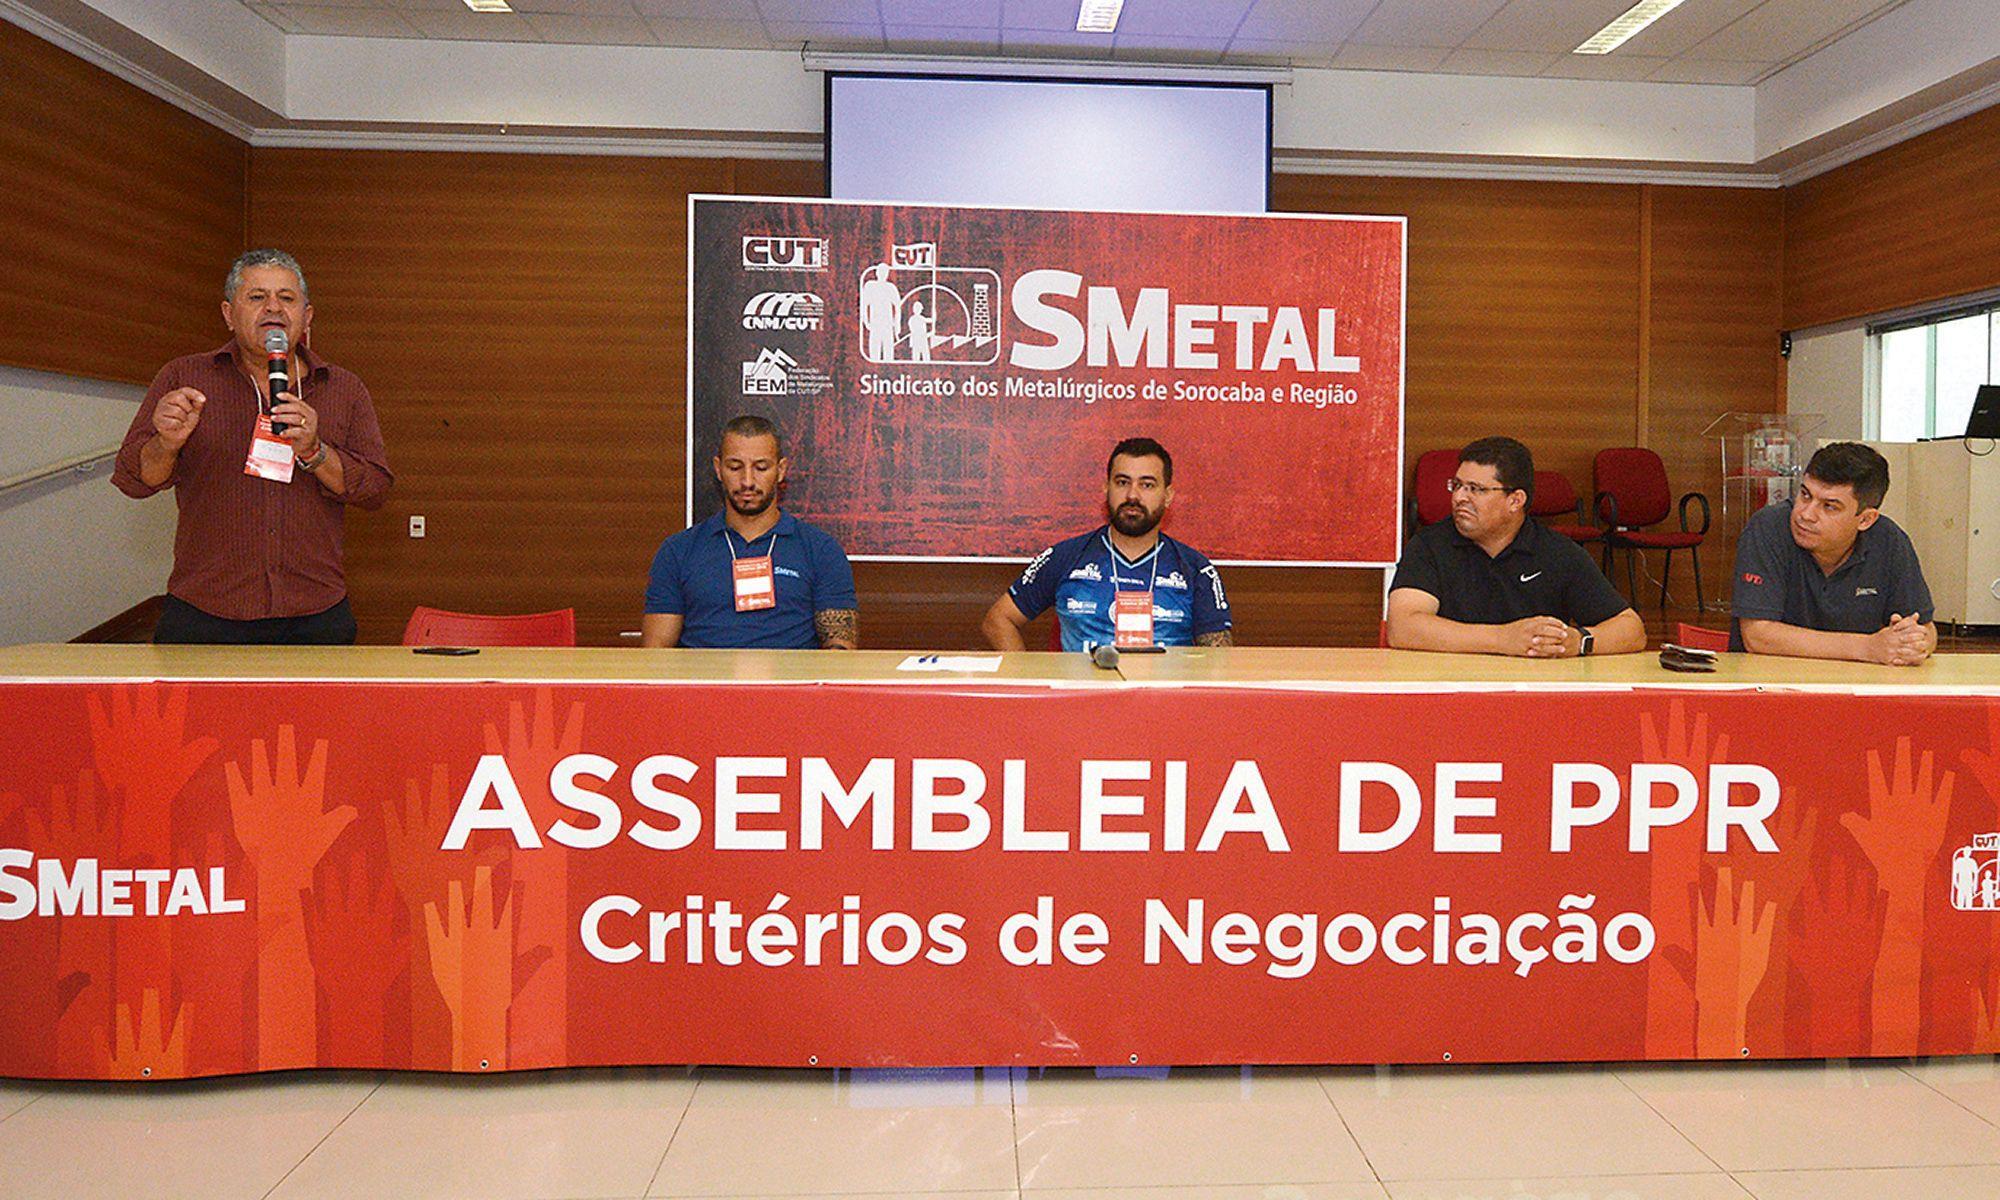 ppr, assembleia, critério, smetal, sindicato,, Foguinho/Imprensa SMetal